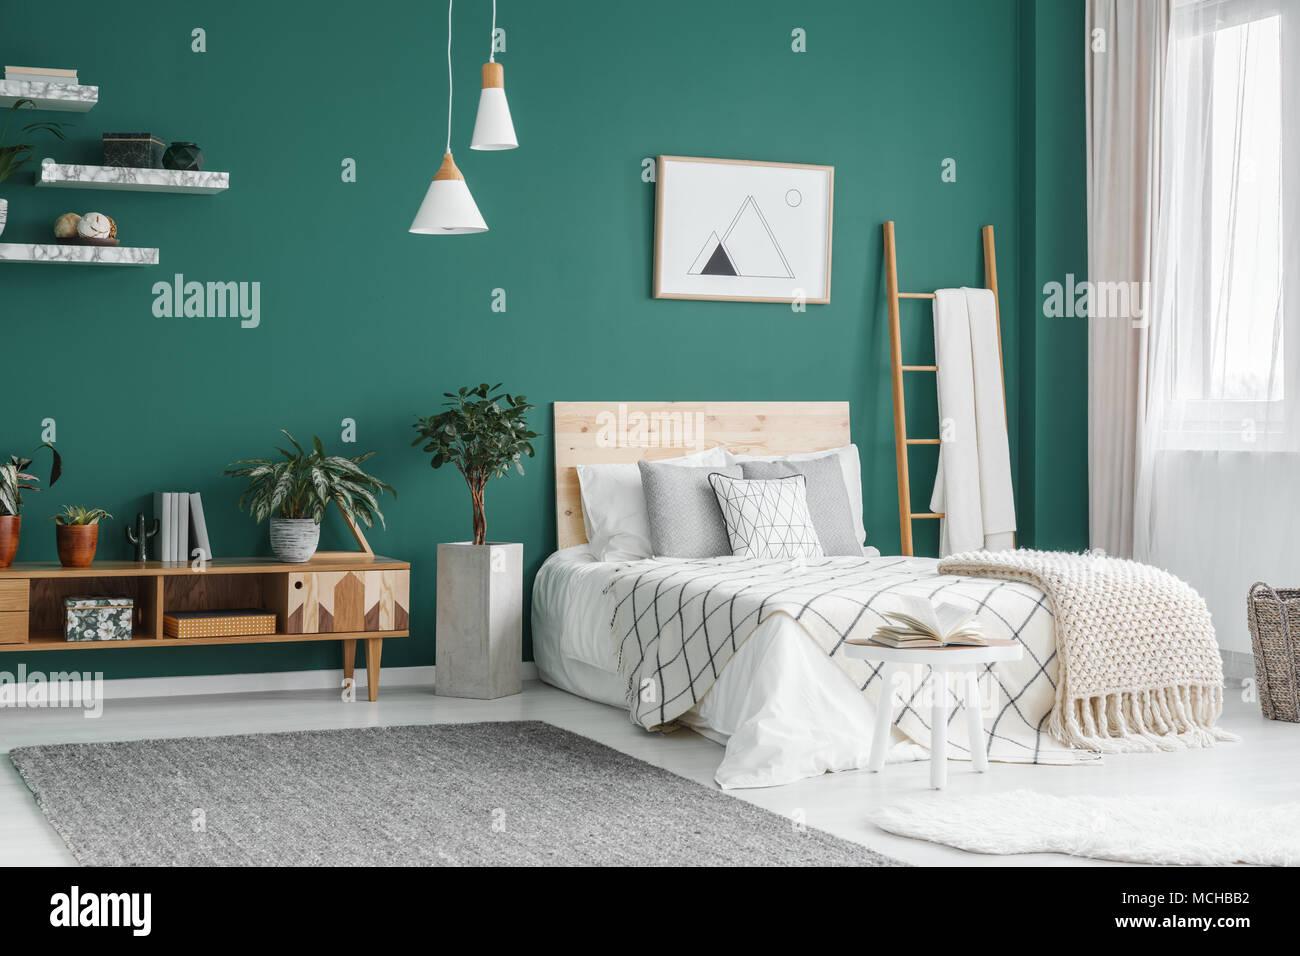 Tapis Sous Lit lit entre bain et usine à l'intérieur chambre à coucher boho vert